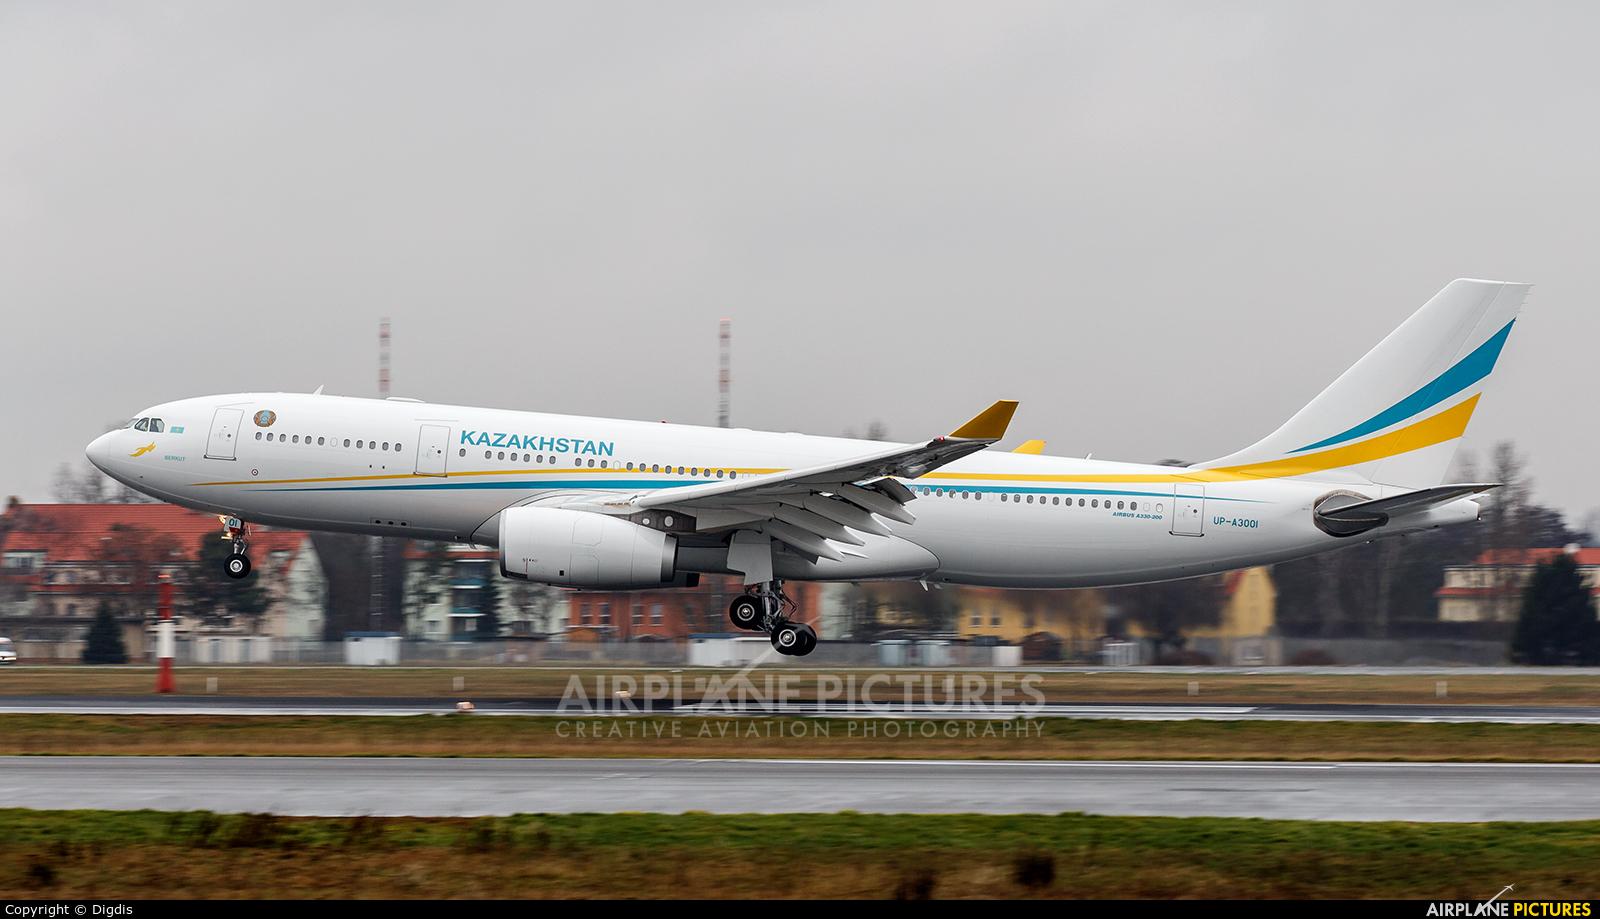 Kazakhstan - Government UP-A3001 aircraft at Berlin - Tegel